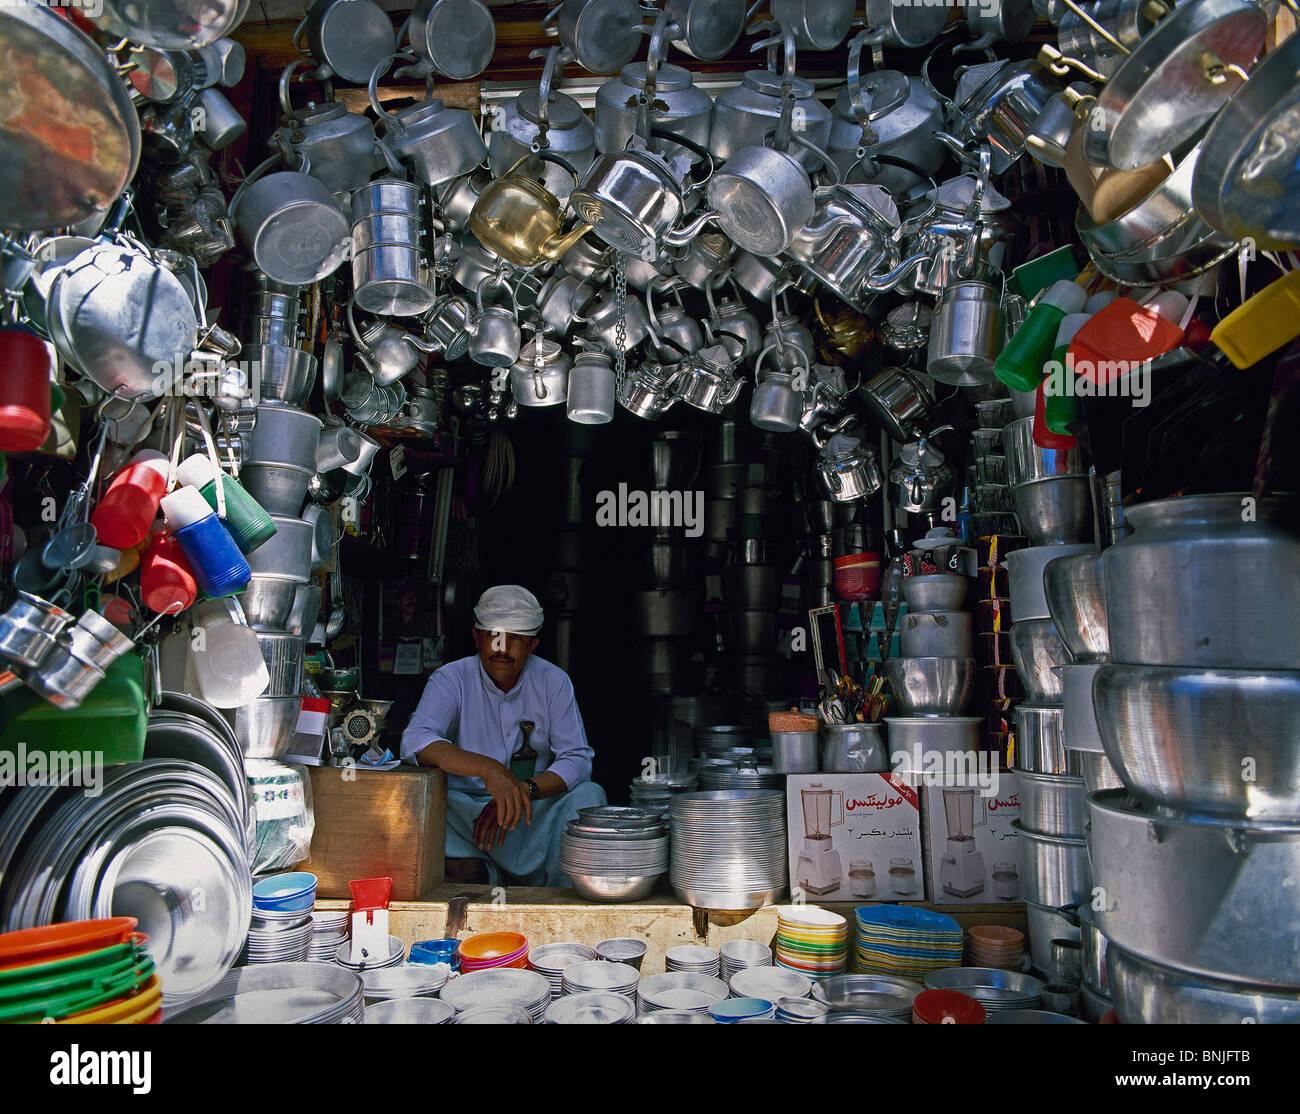 Febrero de 2005 Yemen Sanaa tienda en la ciudad de Sanaa, antiguo proveedor de almacén de mercancías mercado Imagen De Stock